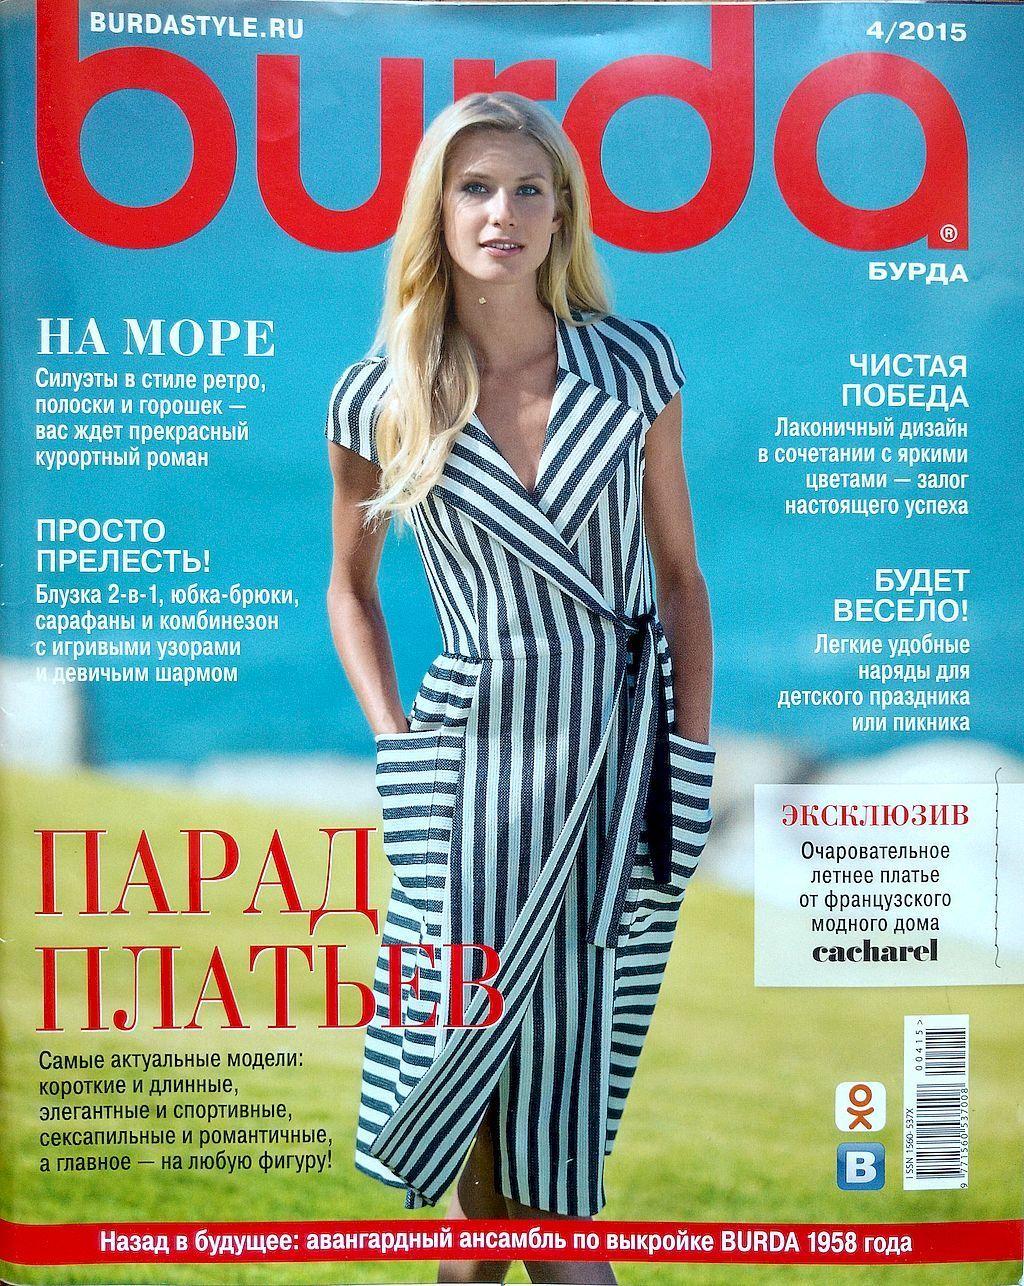 Журнал Burda Moden № 4/2015, Выкройки для шитья, Москва,  Фото №1